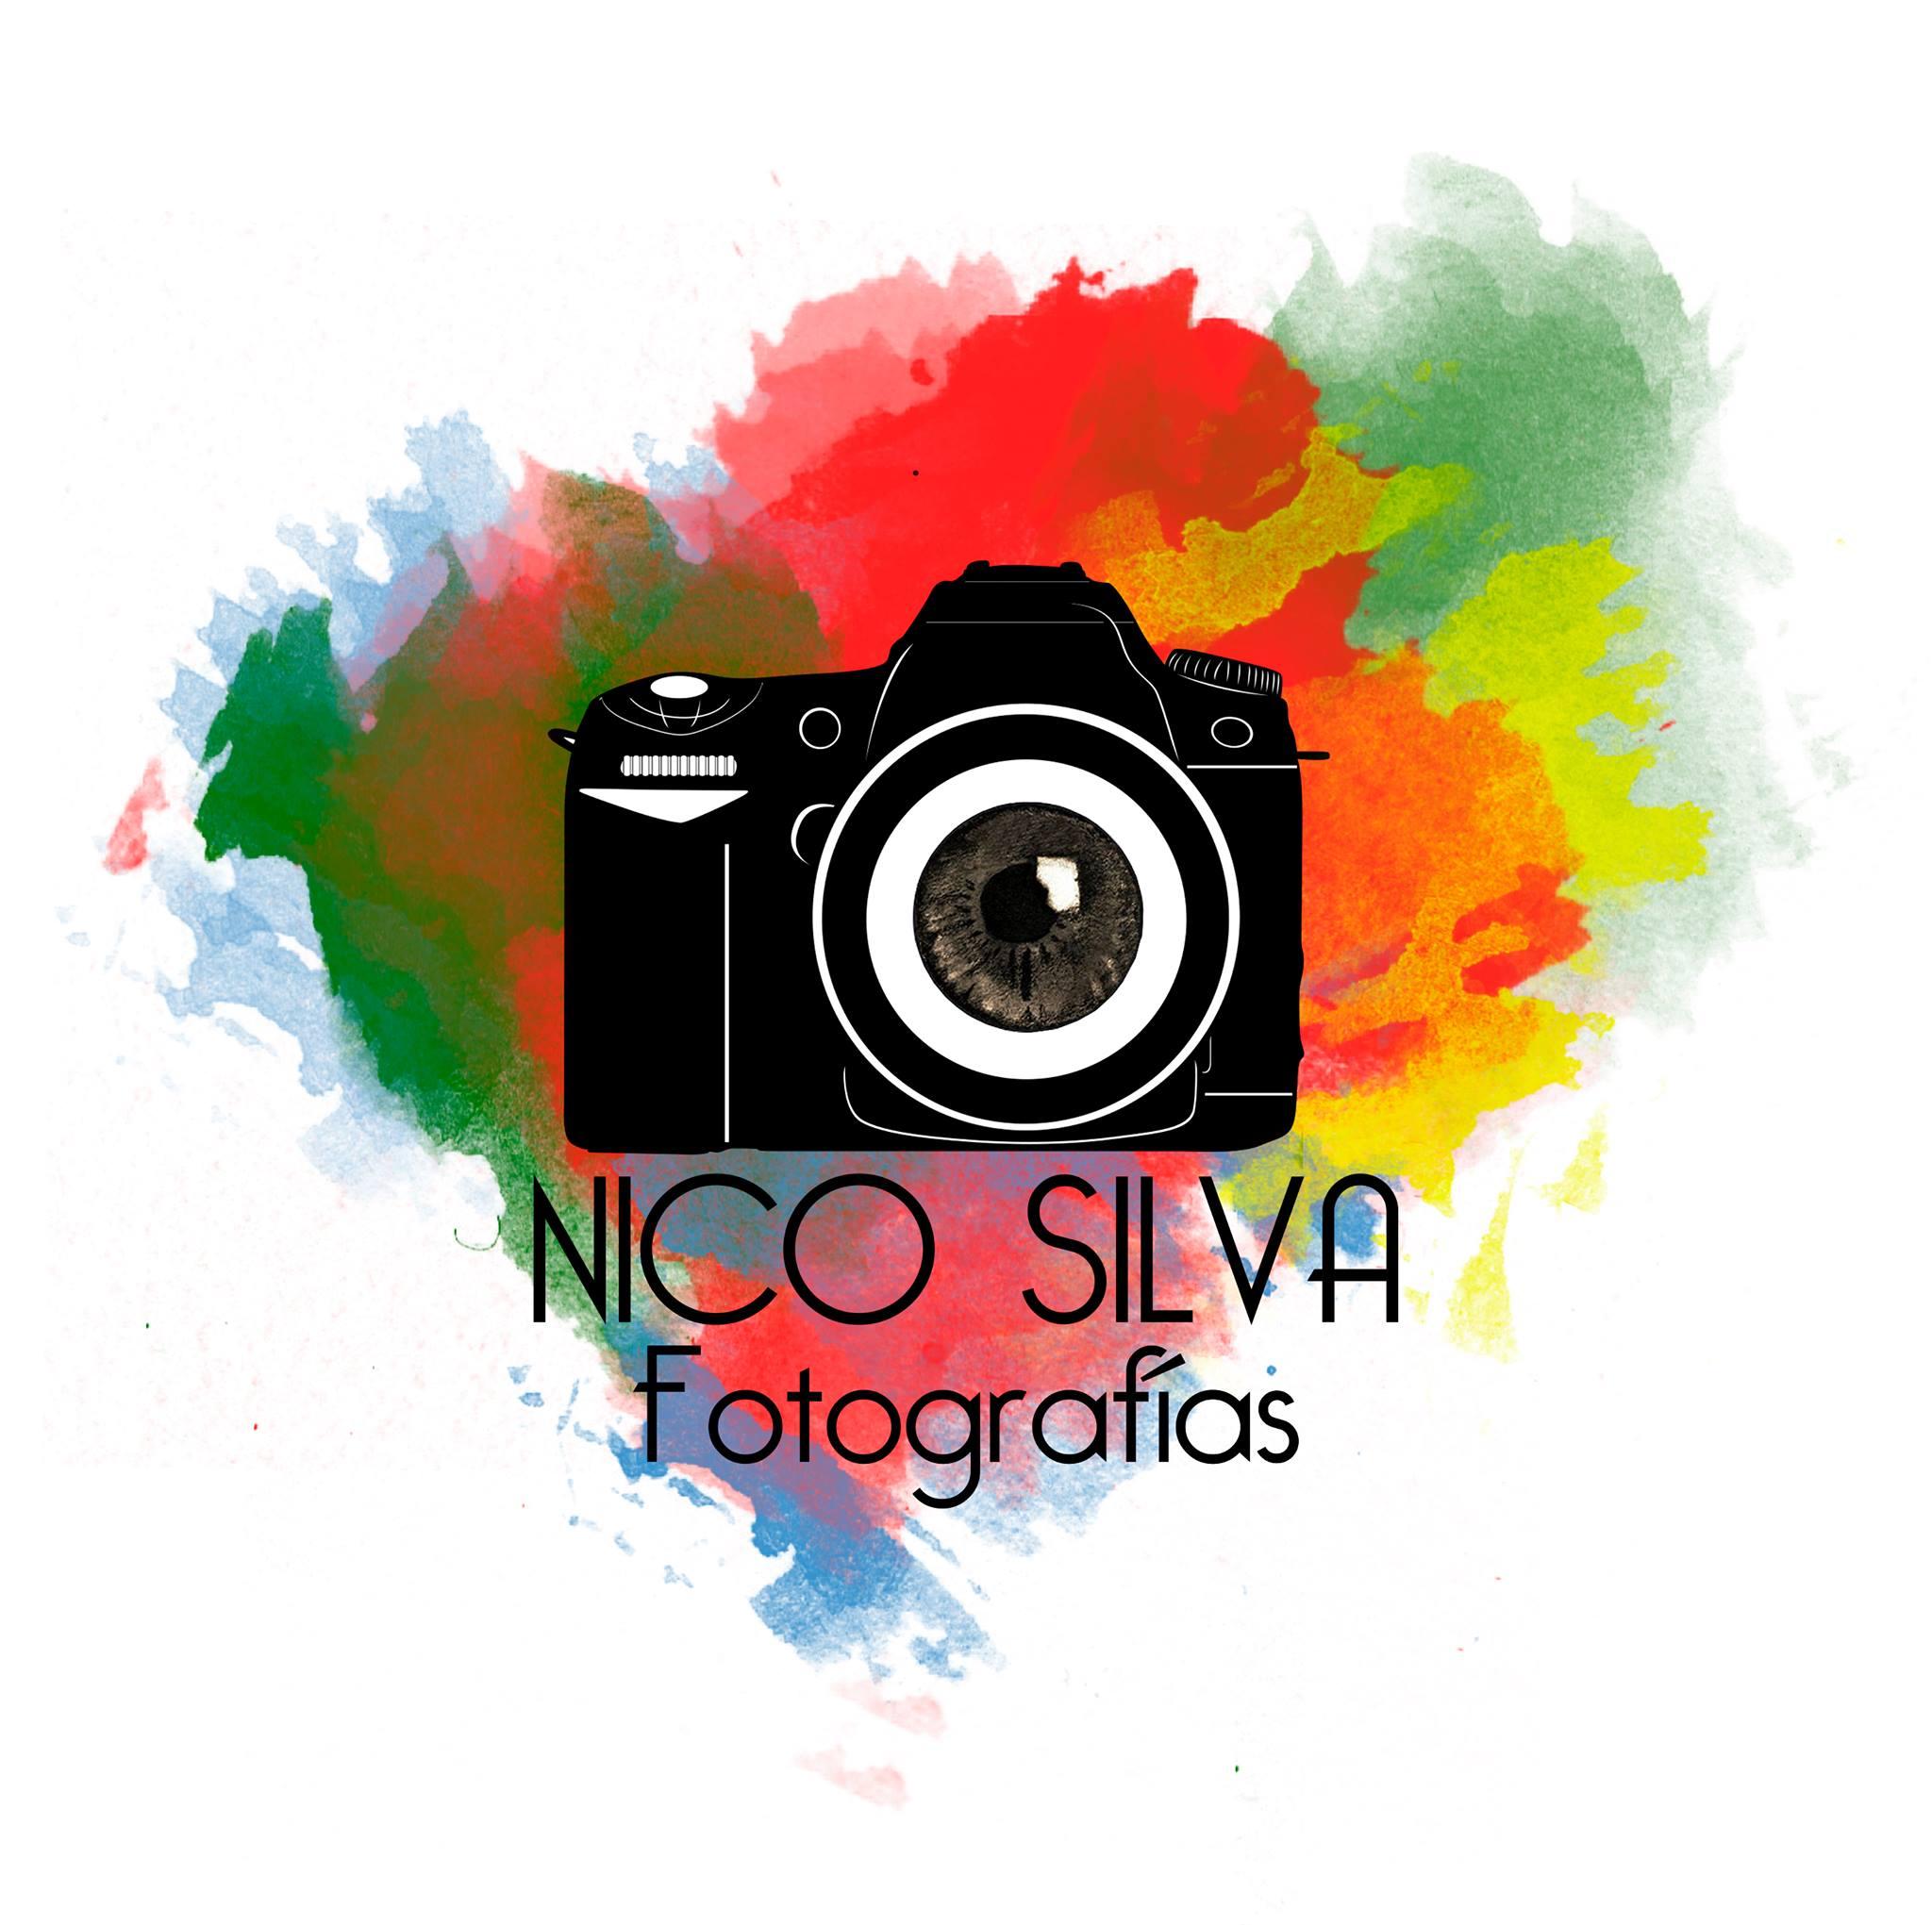 Nico Silva Fotografía